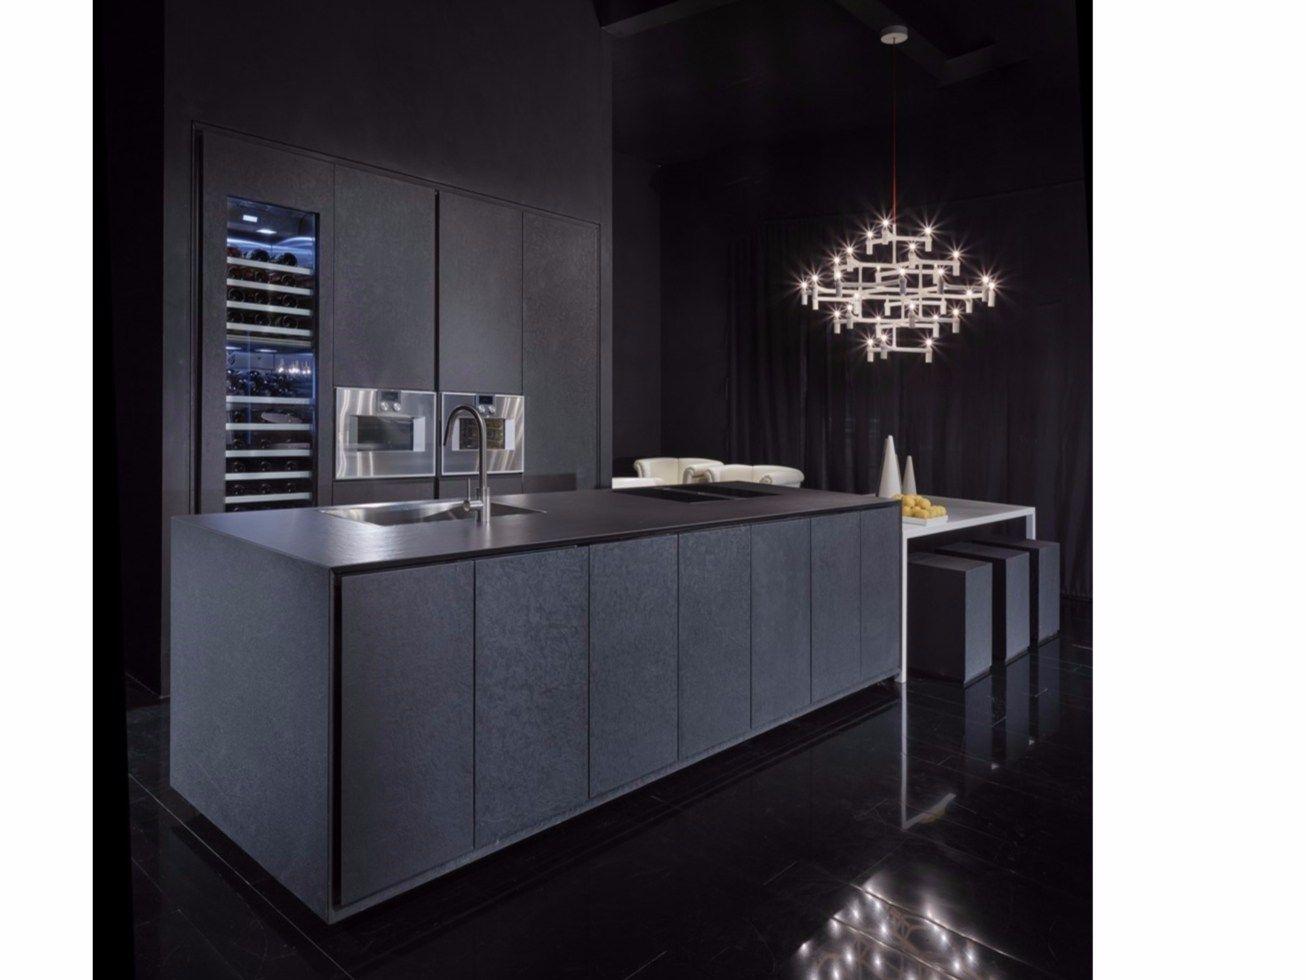 One küche aus lavastein by rifra